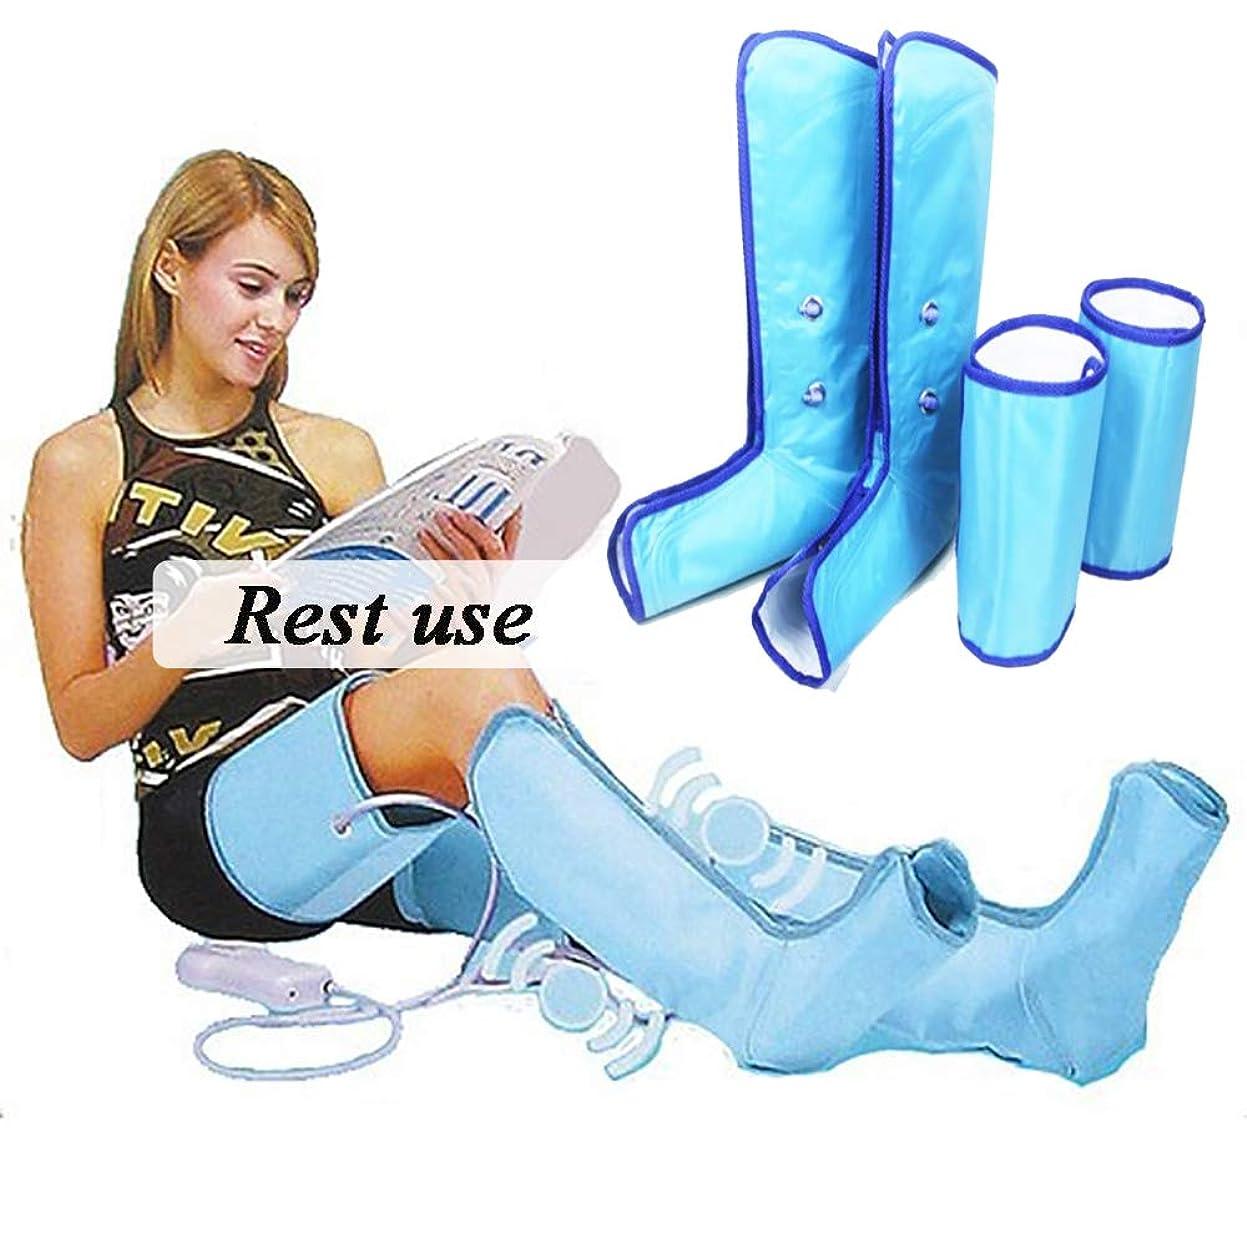 写真の後獲物足のマッサージトマッサージャー循環と筋肉のリラクゼーションに役立つ足とふくらはぎの空気圧縮マッサージを備えたレッグマッサージャー